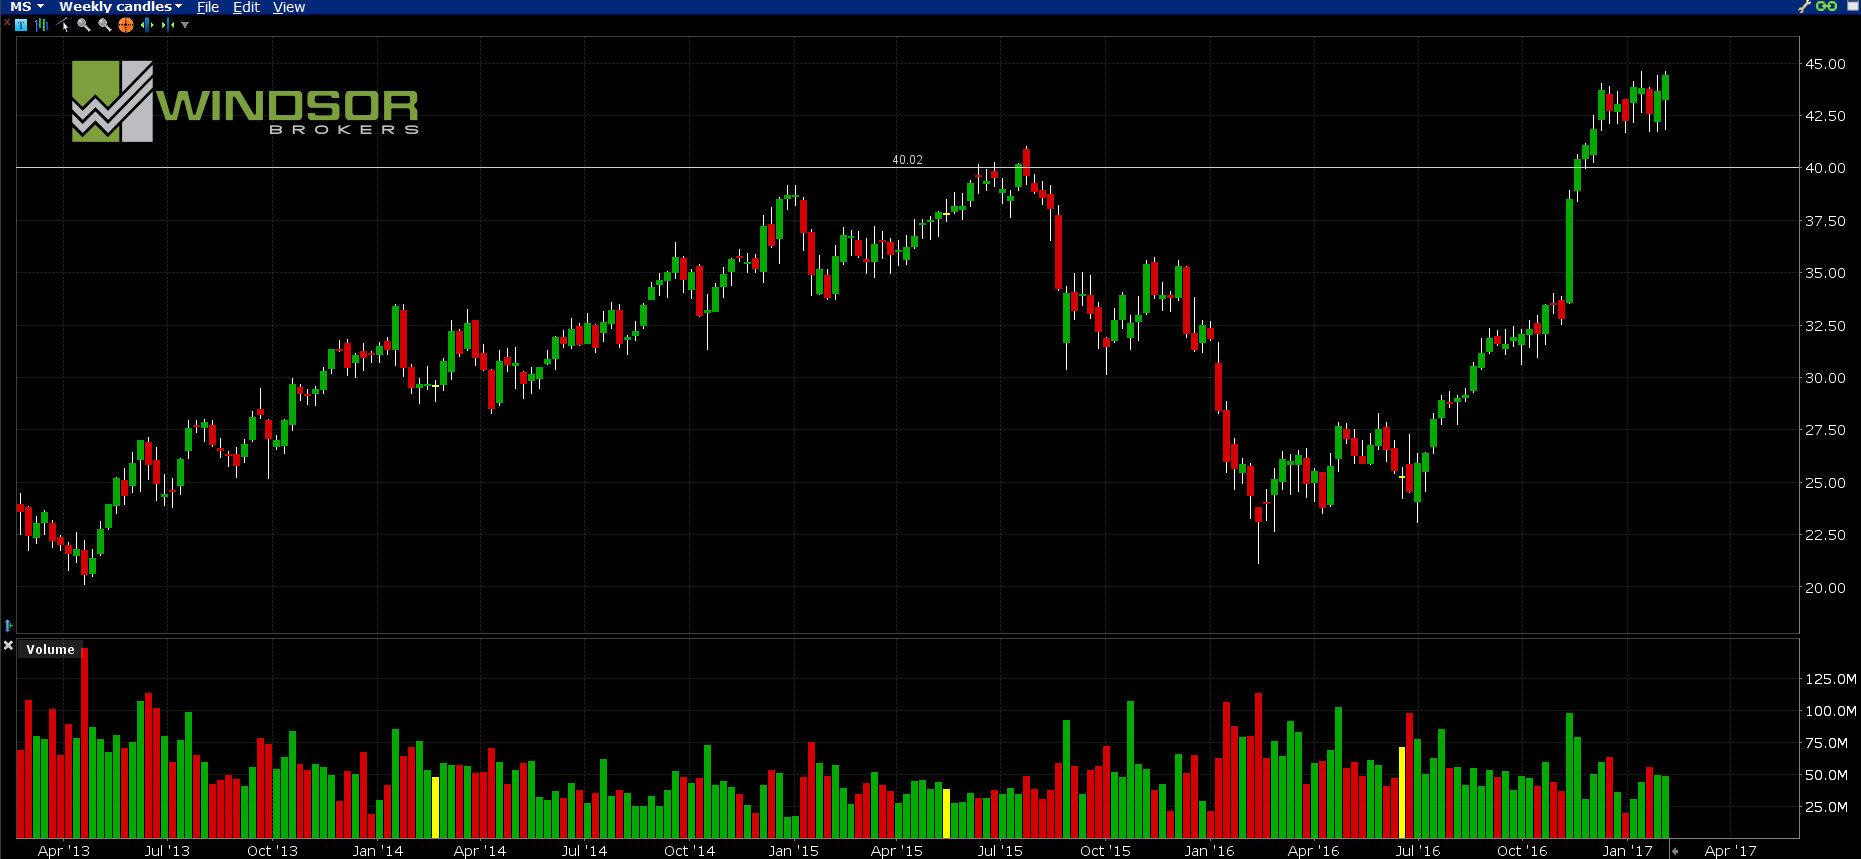 Wykres spółki Morgan Stanley.